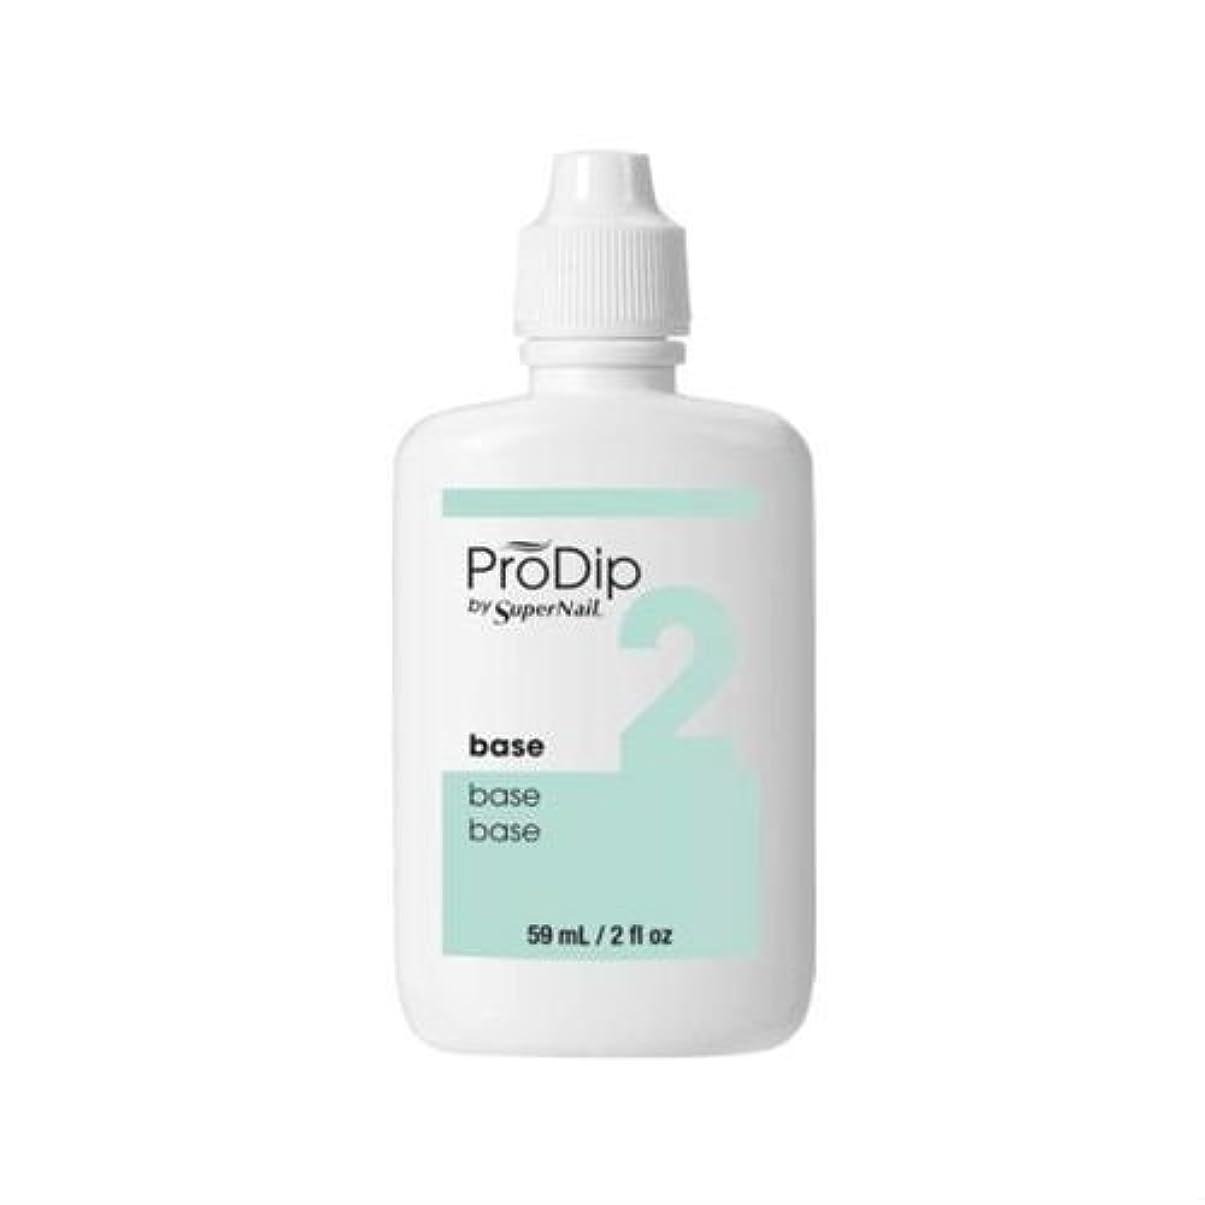 一人で乱暴なショッキングSuperNail ProDip - Base - 59 ml/2 oz